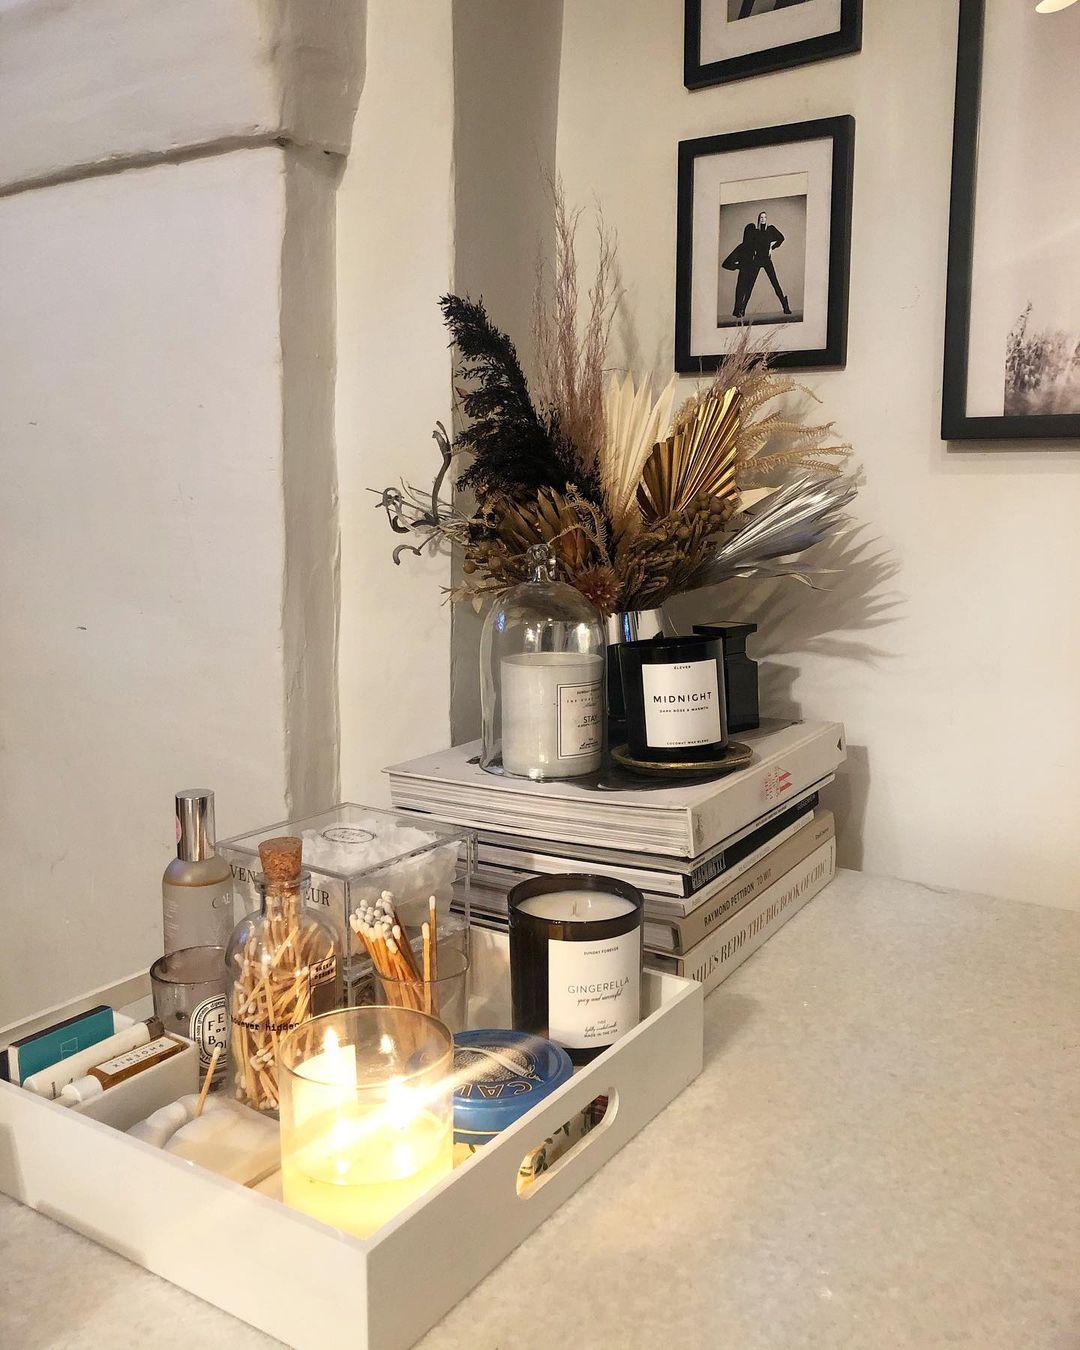 Fashionable Candles: Πού θα βρεις τα πιο στυλάτα κεριά για να διακοσμήσεις τον χώρο σου